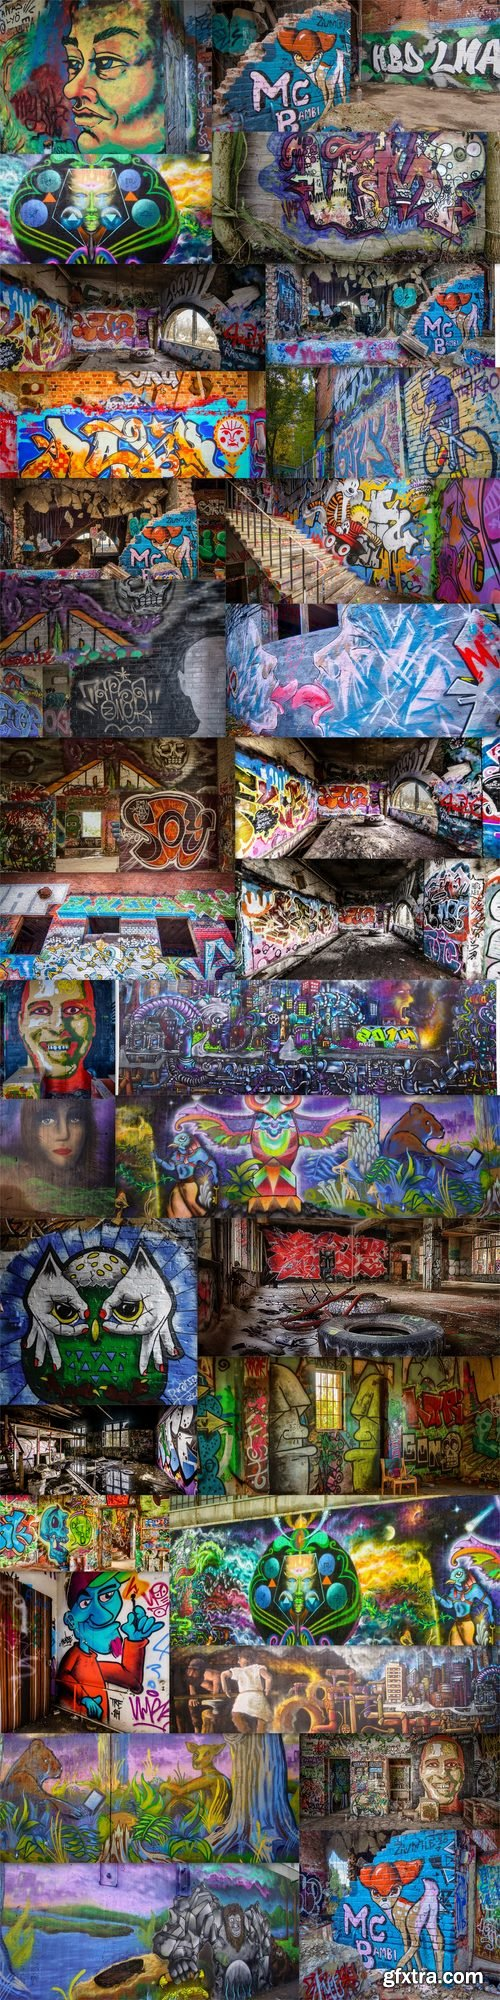 Graffiti 2